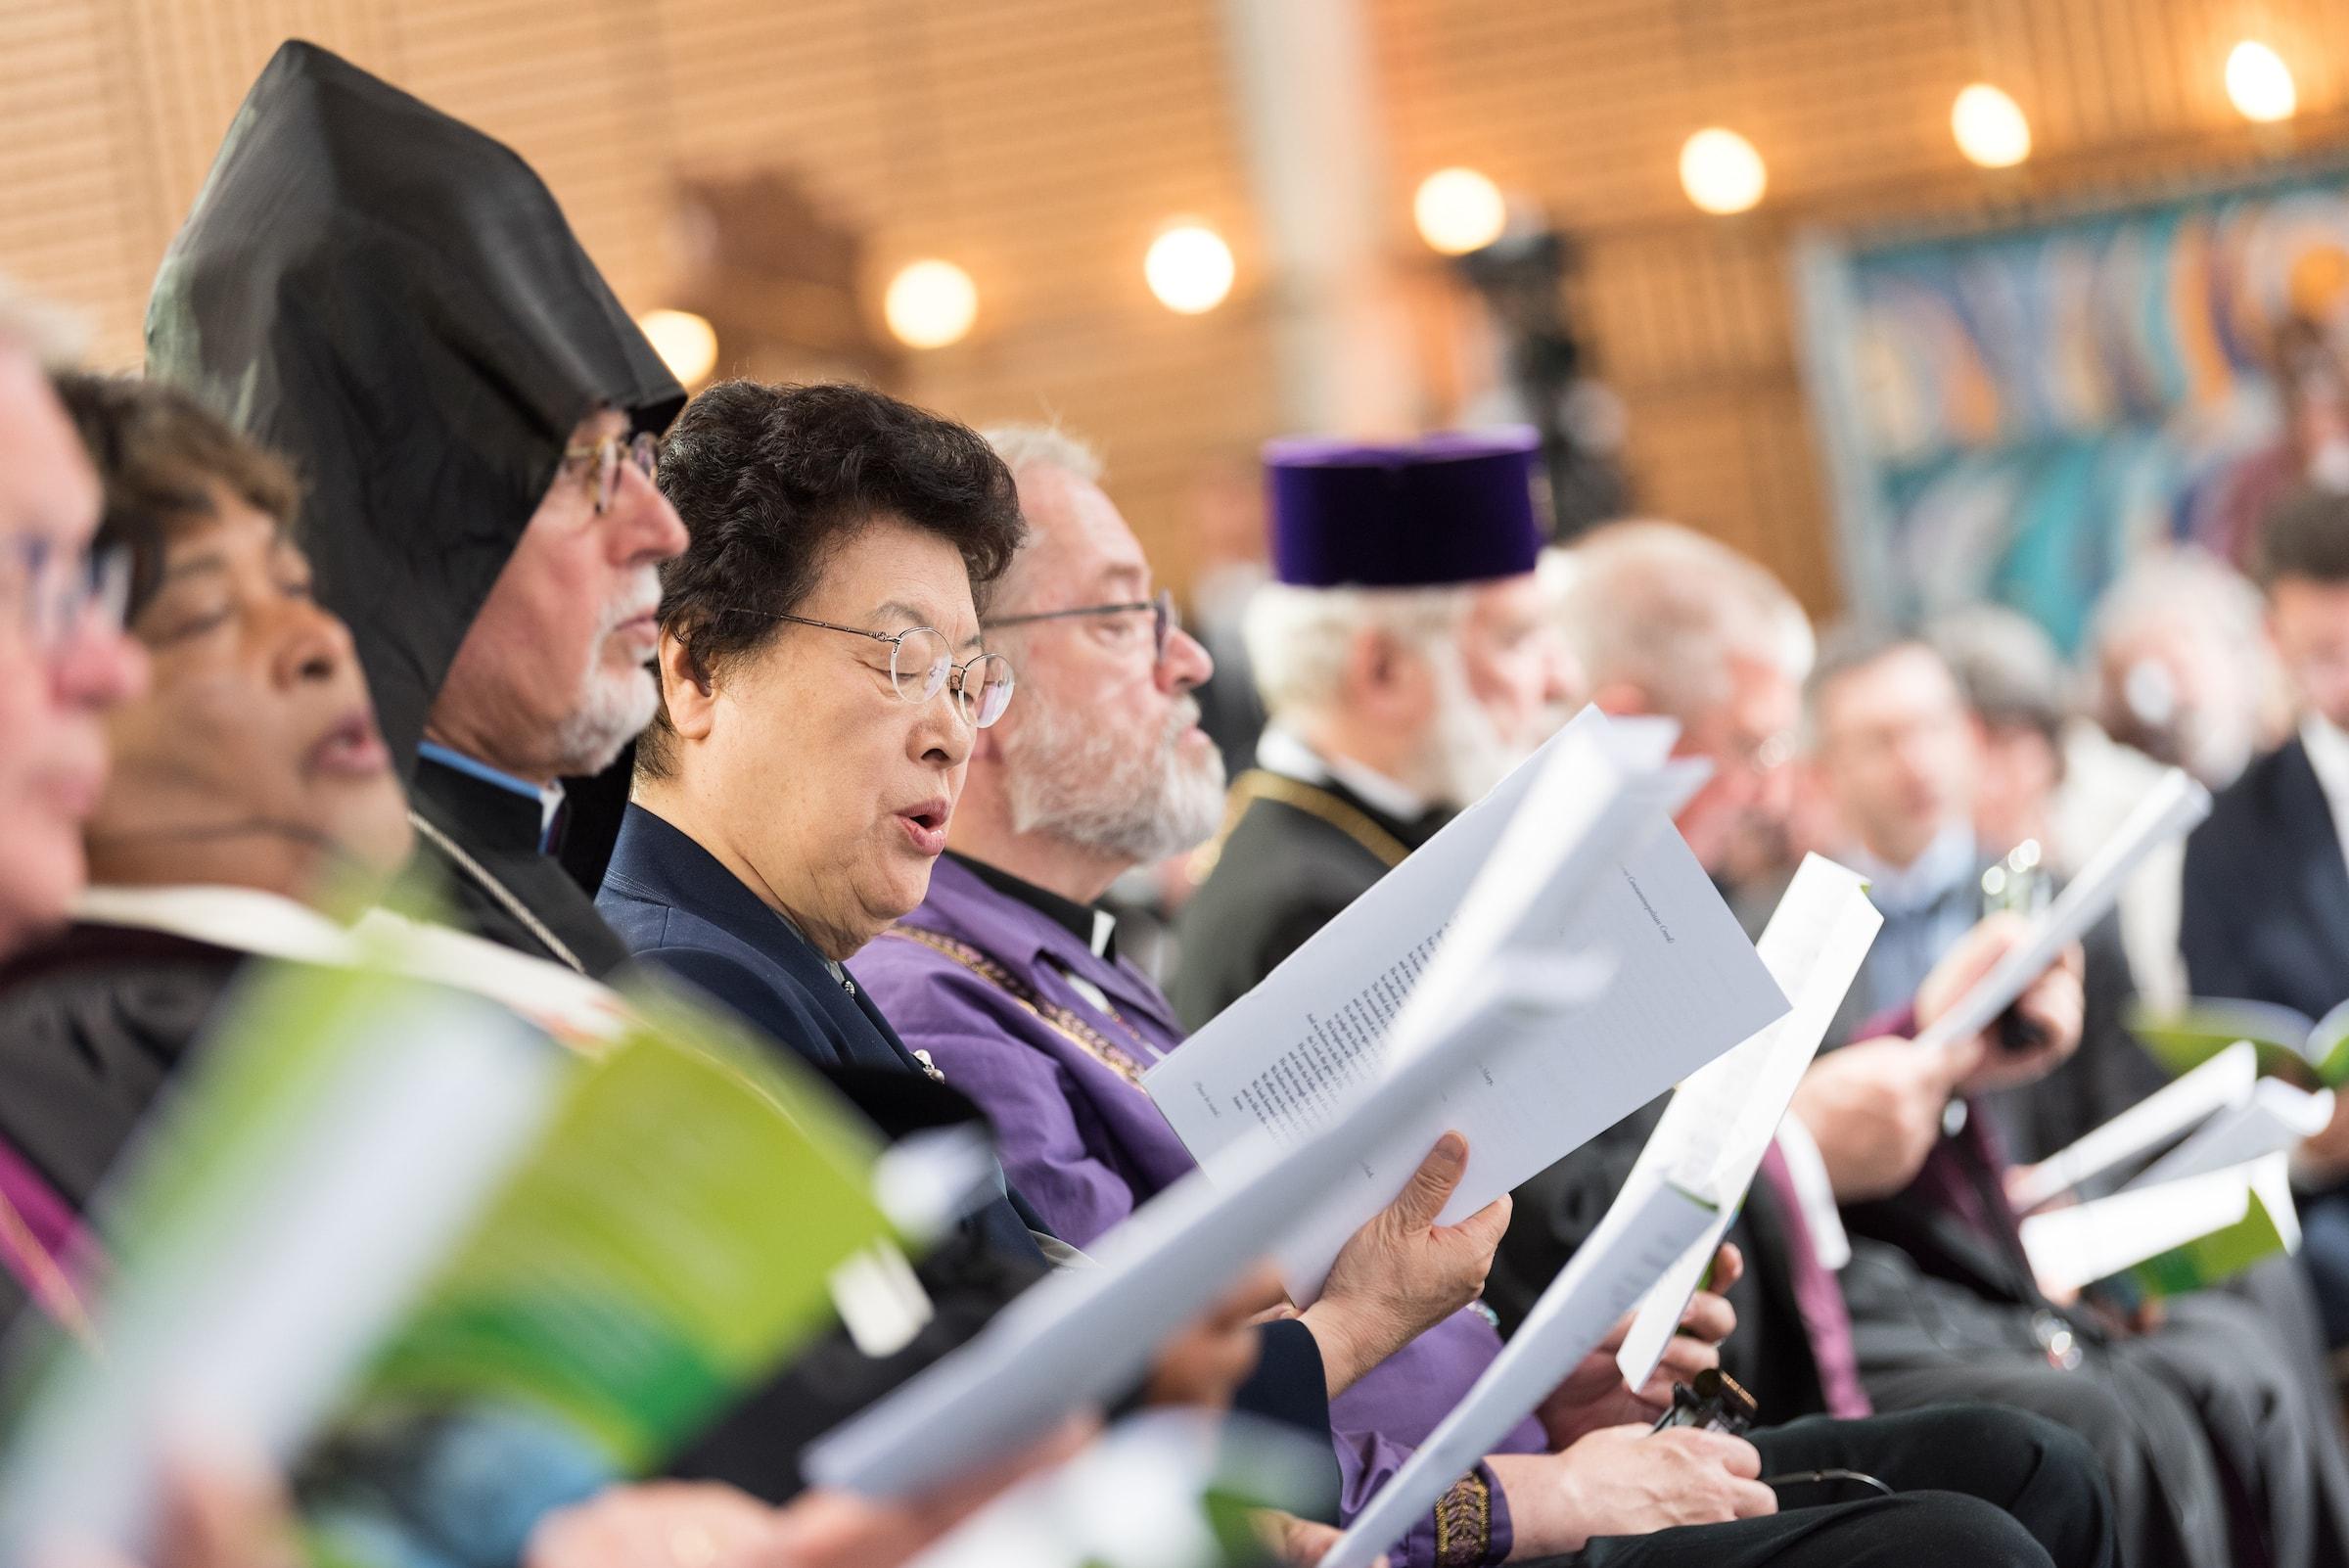 제네바 에큐메니컬 센터에서 예배드리는 장상 목사와 중앙위원회 위원들. 사진, 앨빈 힐러트(Albin Hillert), WCC.